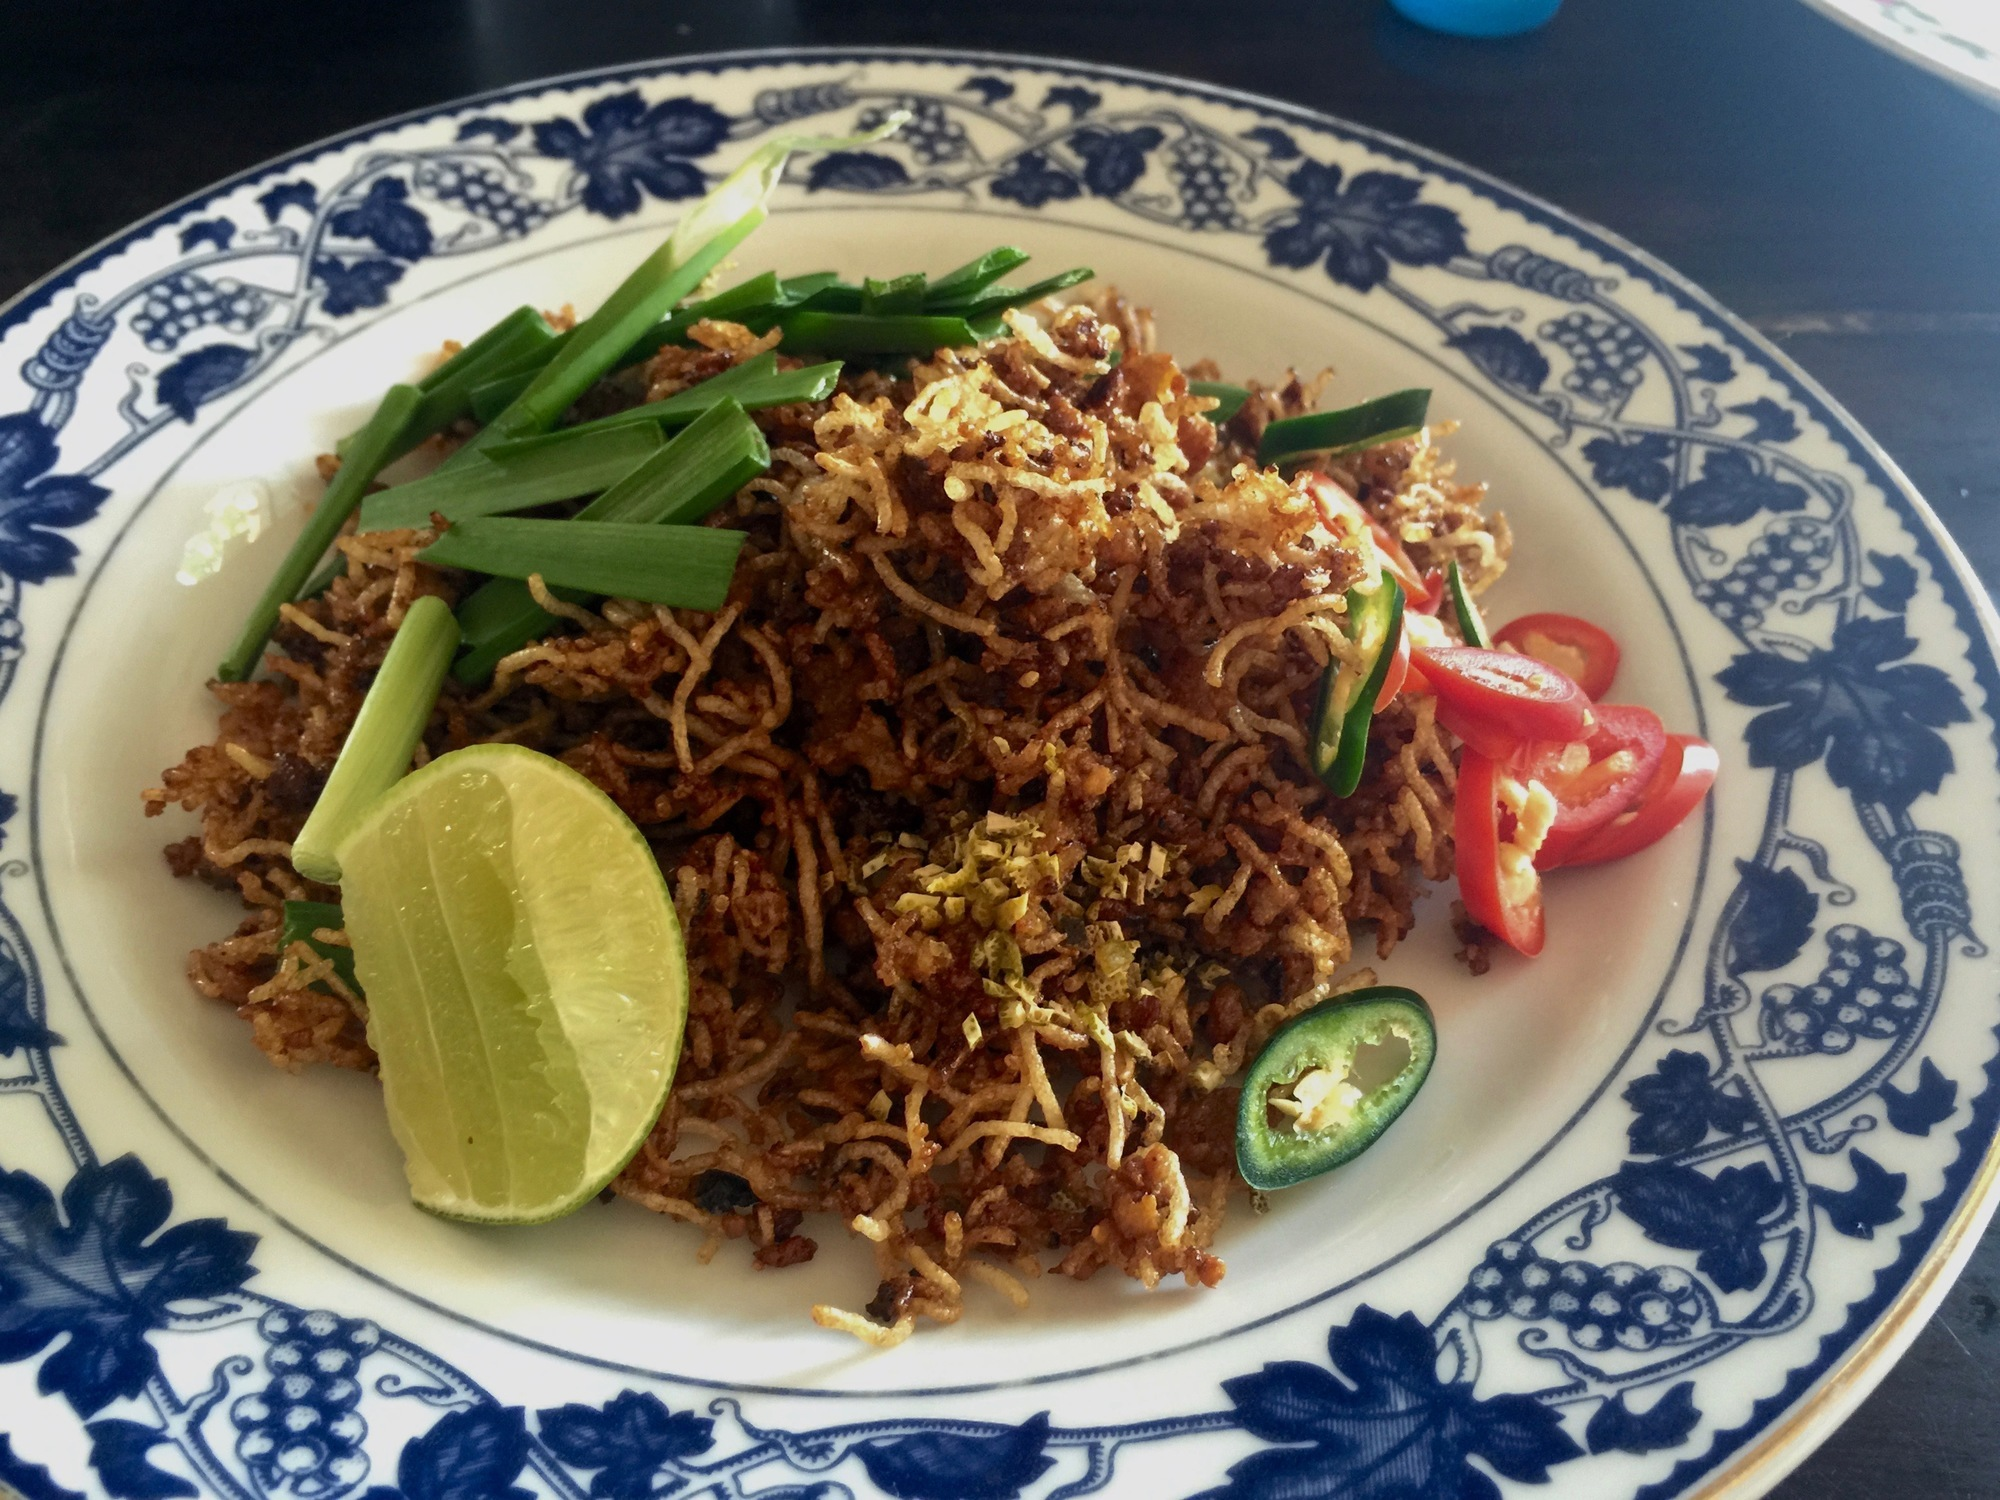 ラーマ5世の時代から続く伝統的タイ料理『パットミークローブ』